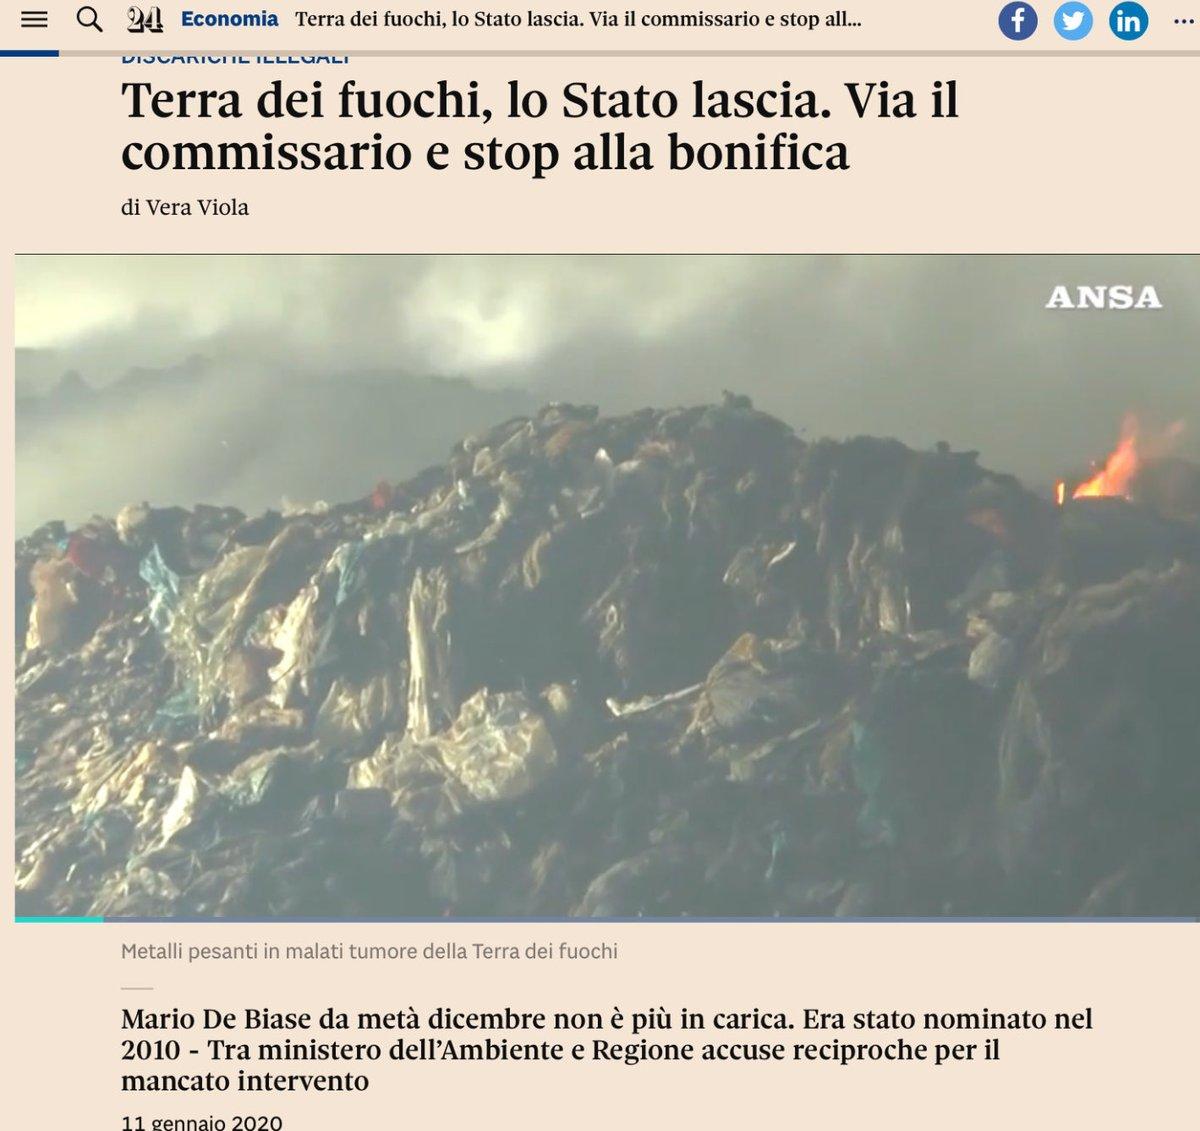 #DeLuca